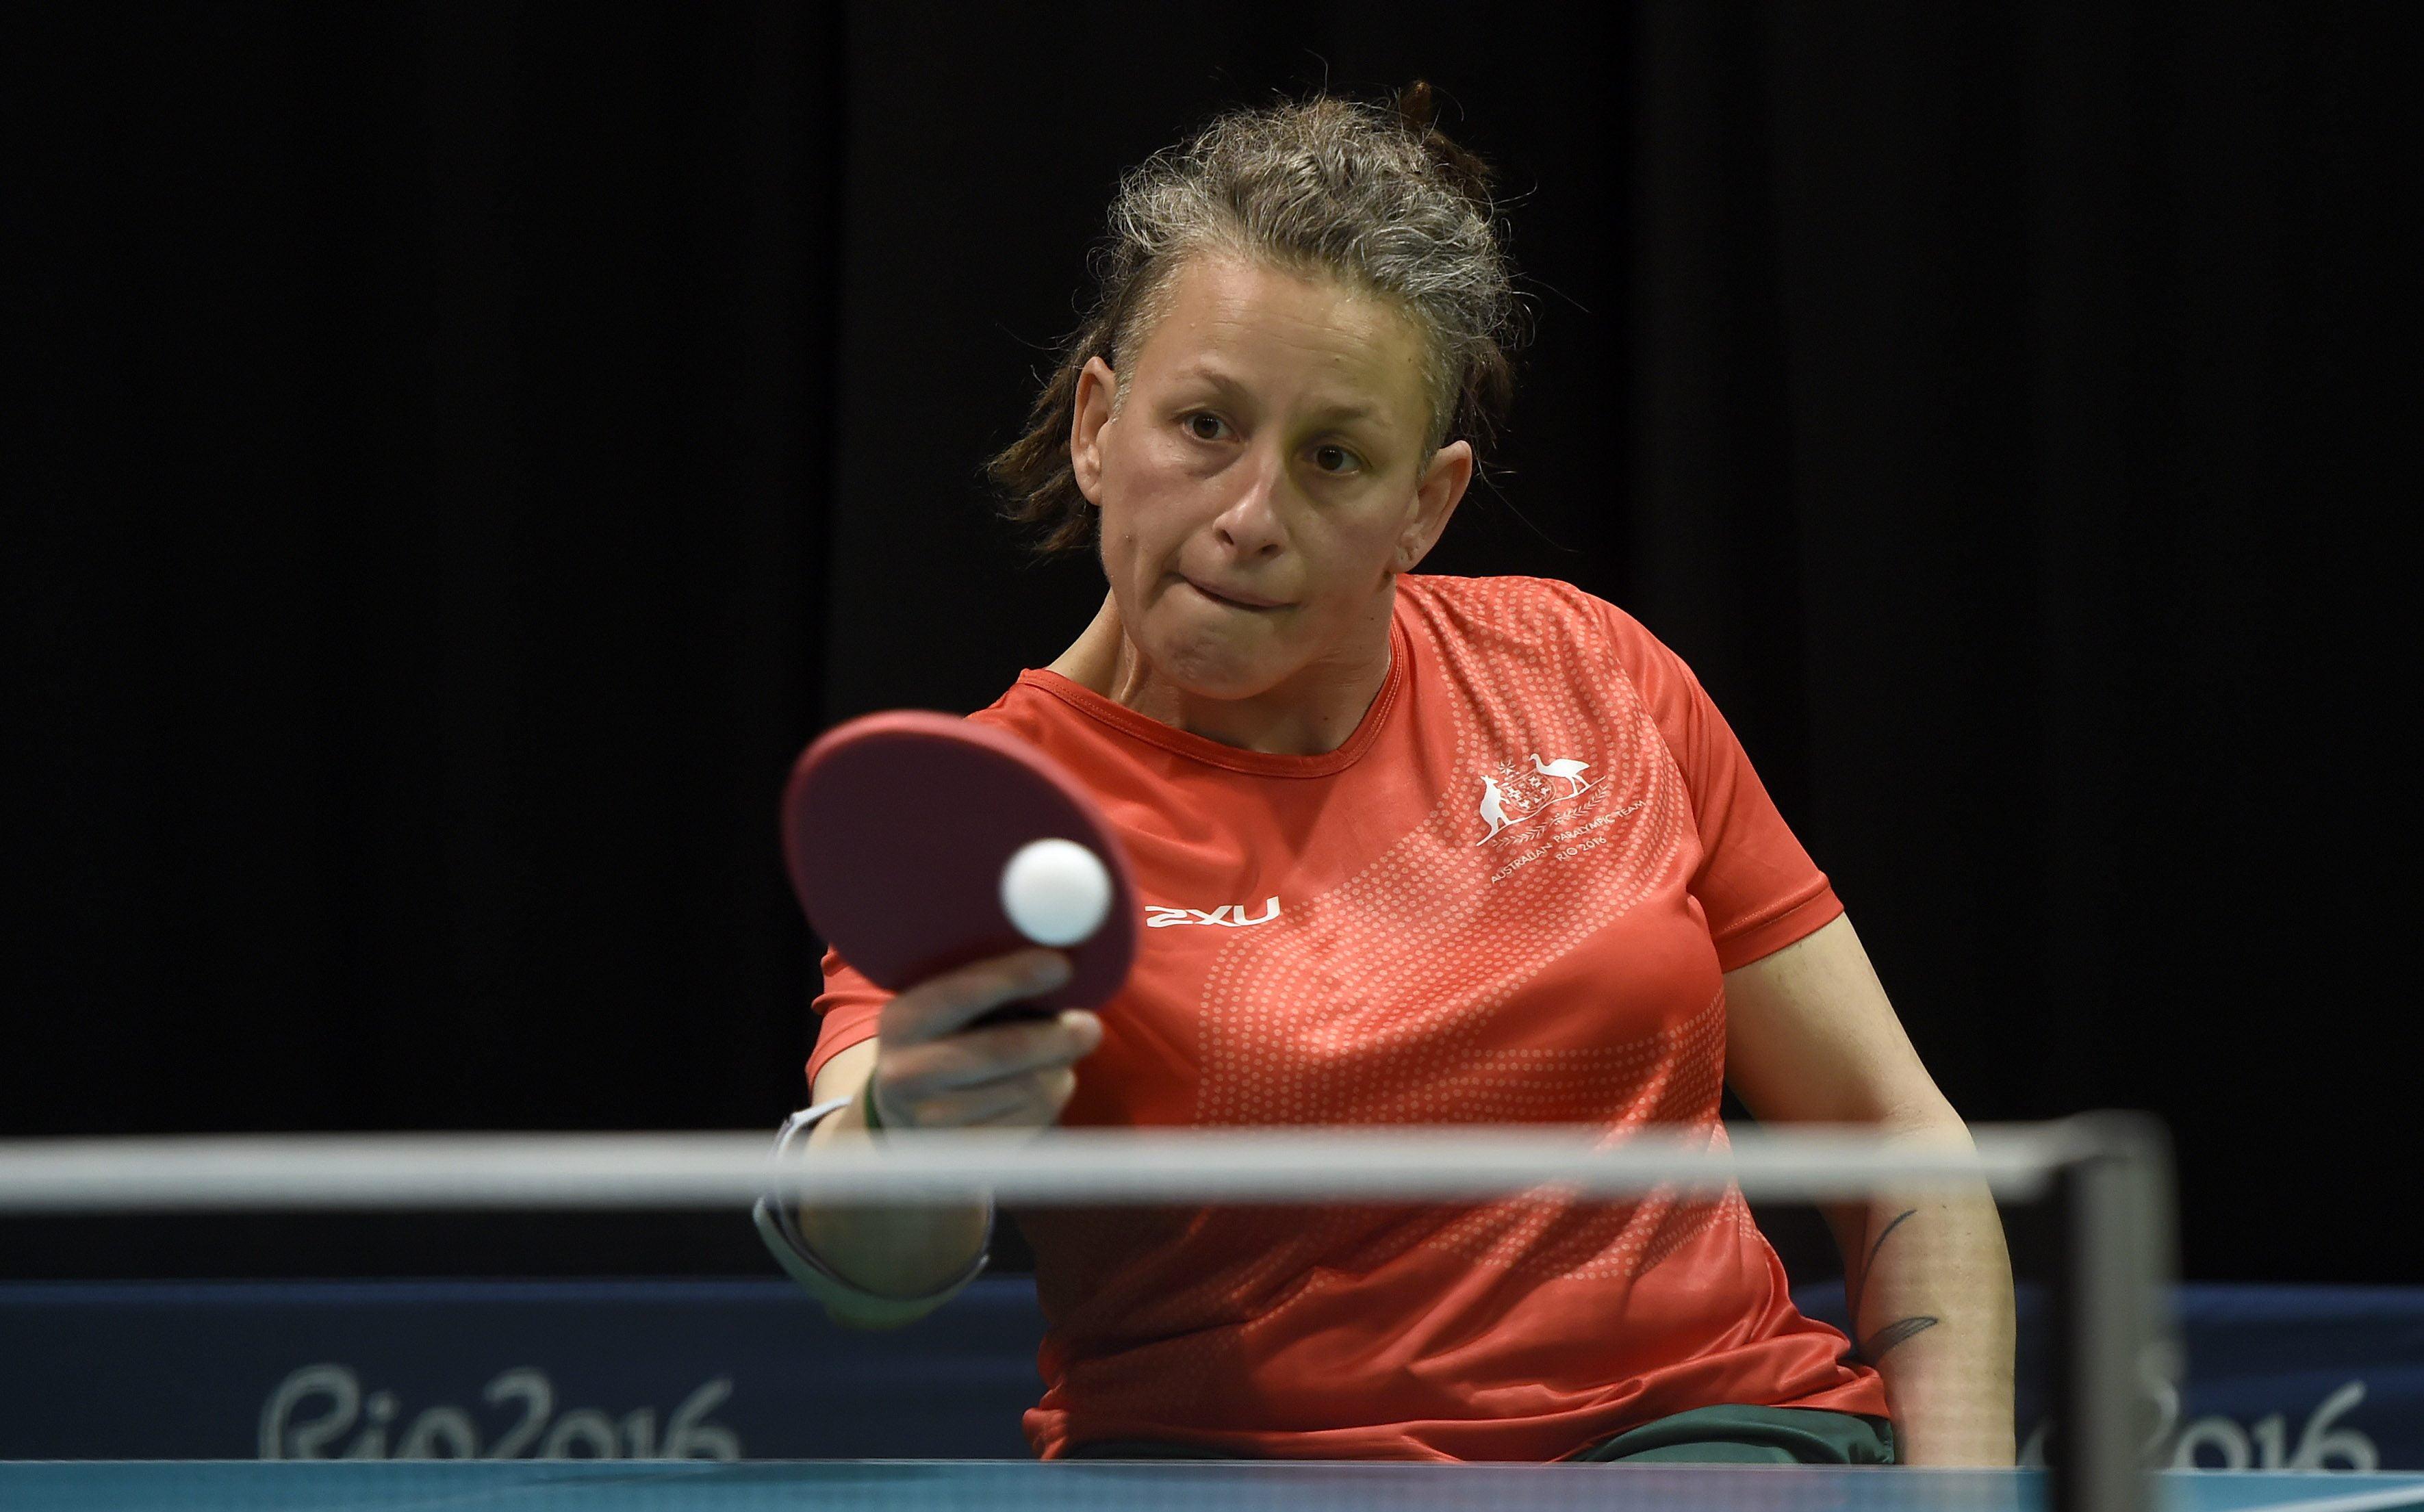 Australia aims for home Para-table tennis success